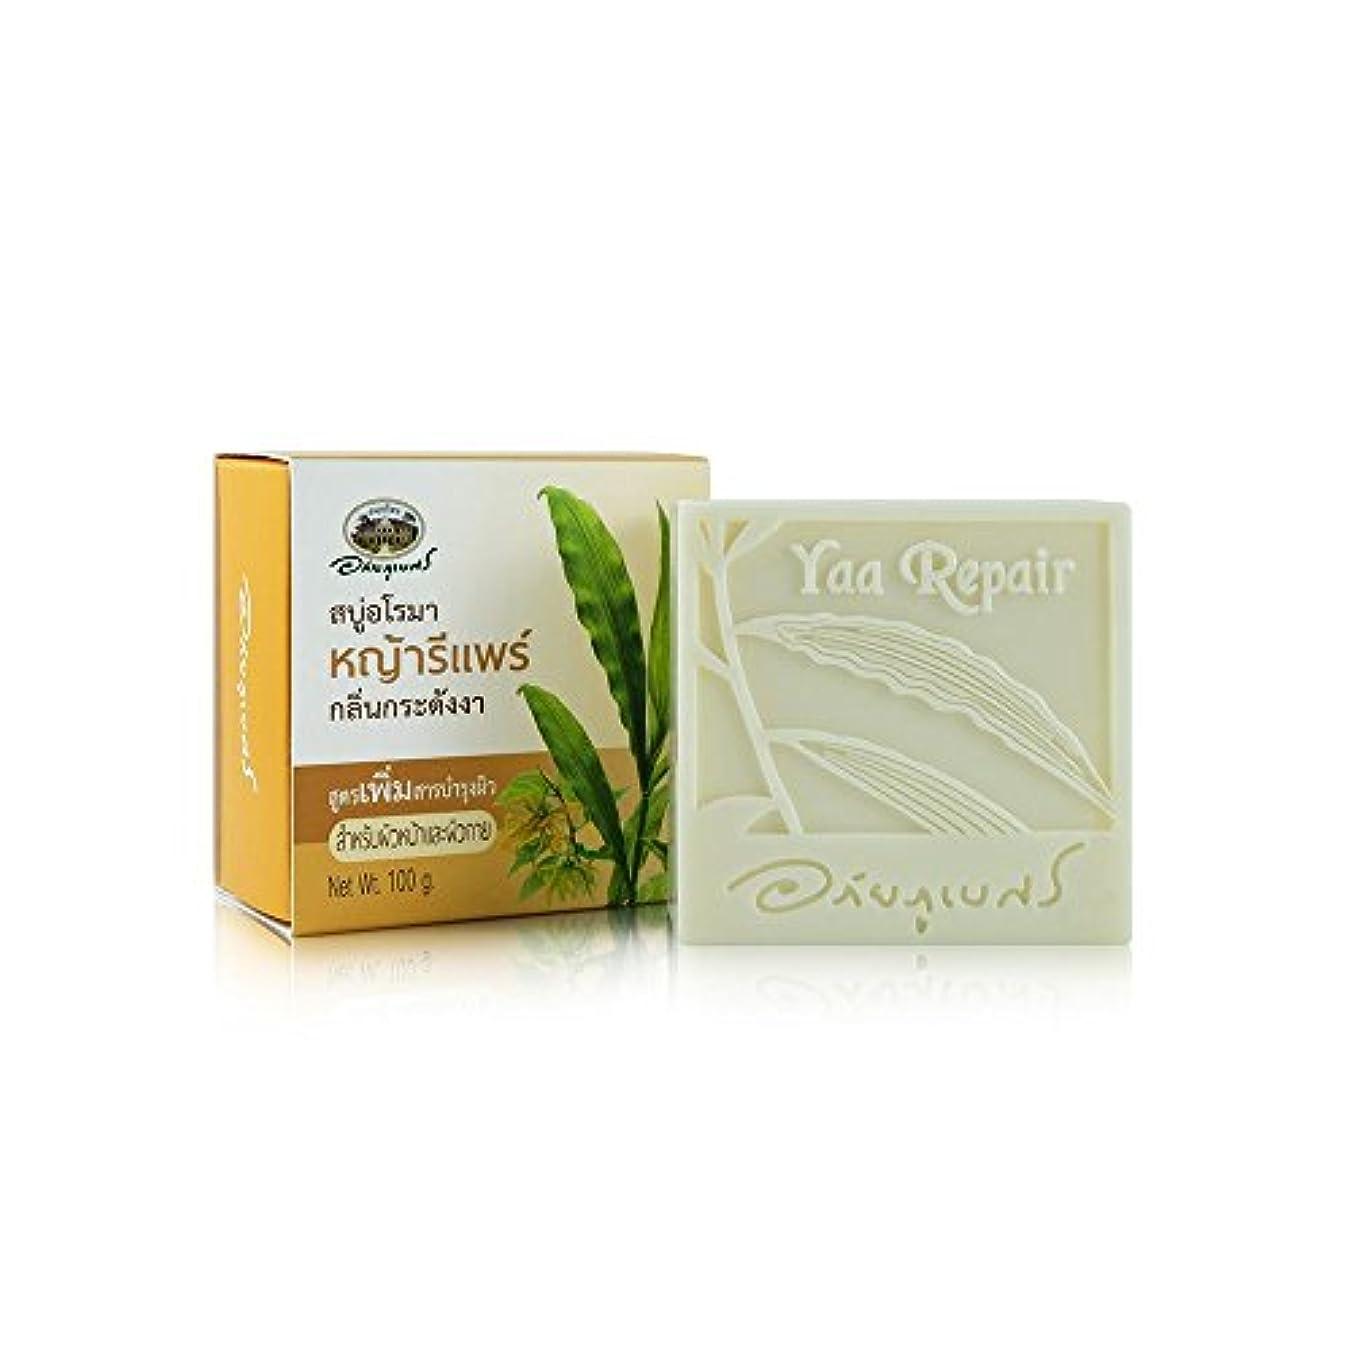 余暇イースター剛性Abhaibhubejhr Thai Aromatherapy With Ylang Ylang Skin Care Formula Herbal Body Face Cleaning Soap 100g.